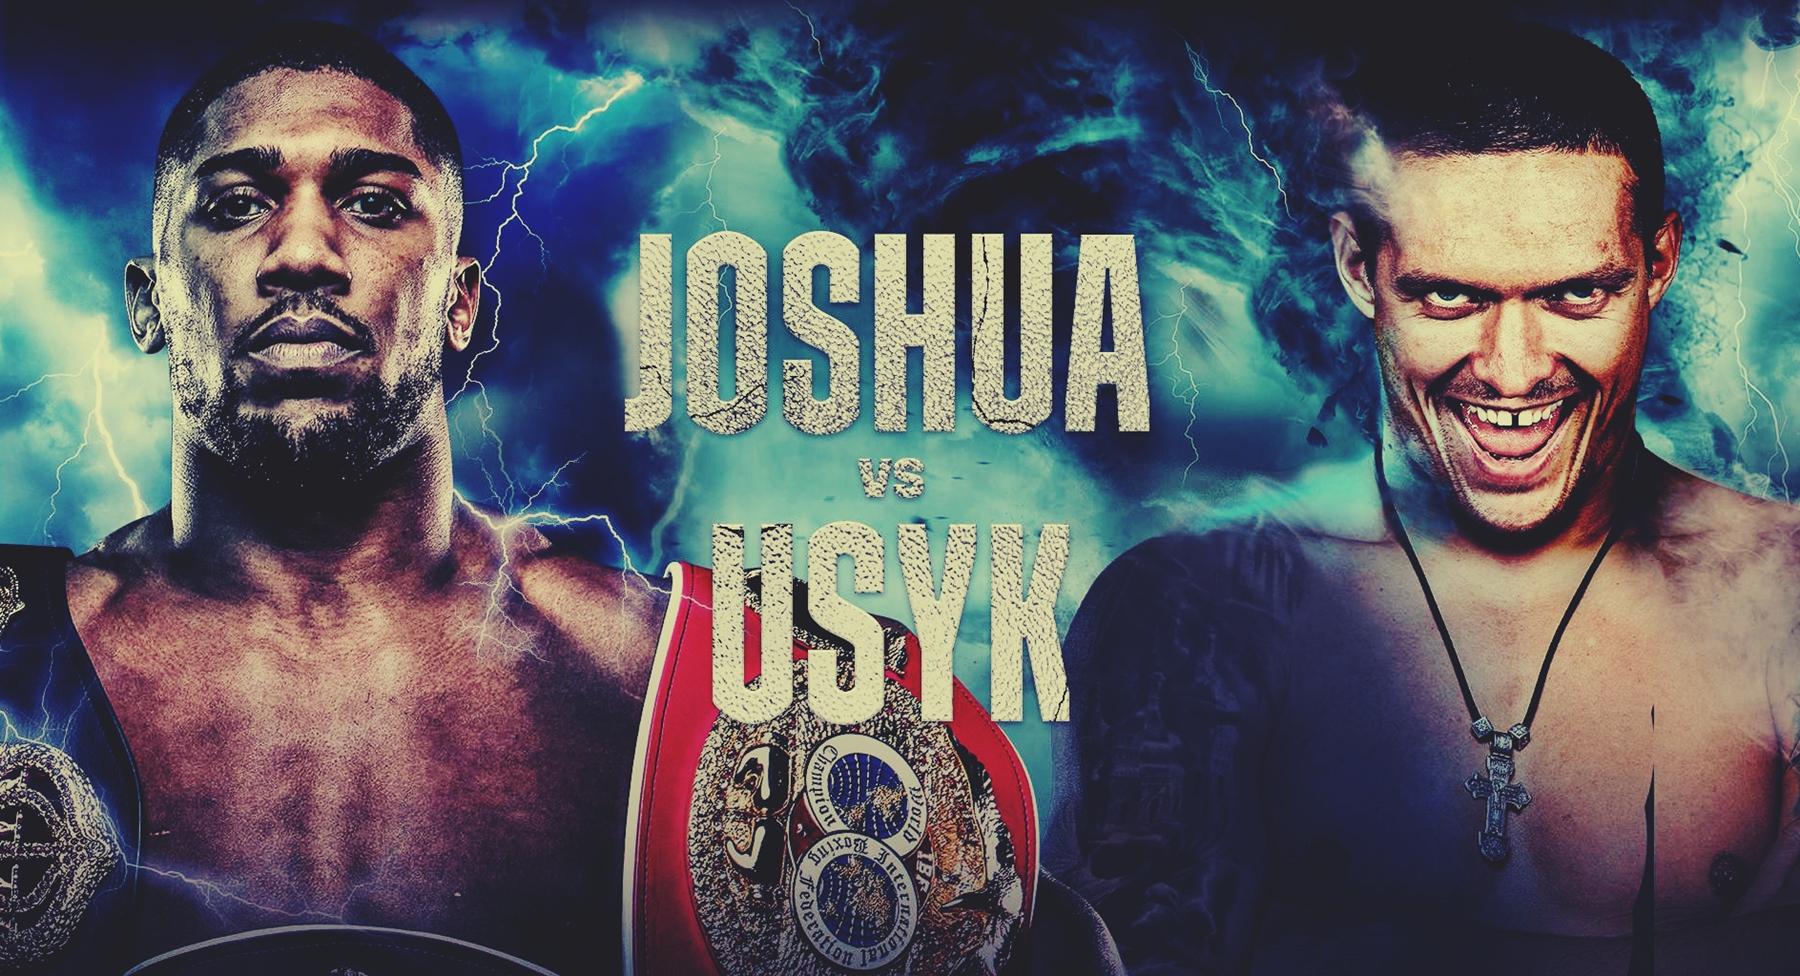 التوقيت نزال أنتوني جوشوا ضد أولكسندر أوسيك في الملاكمة